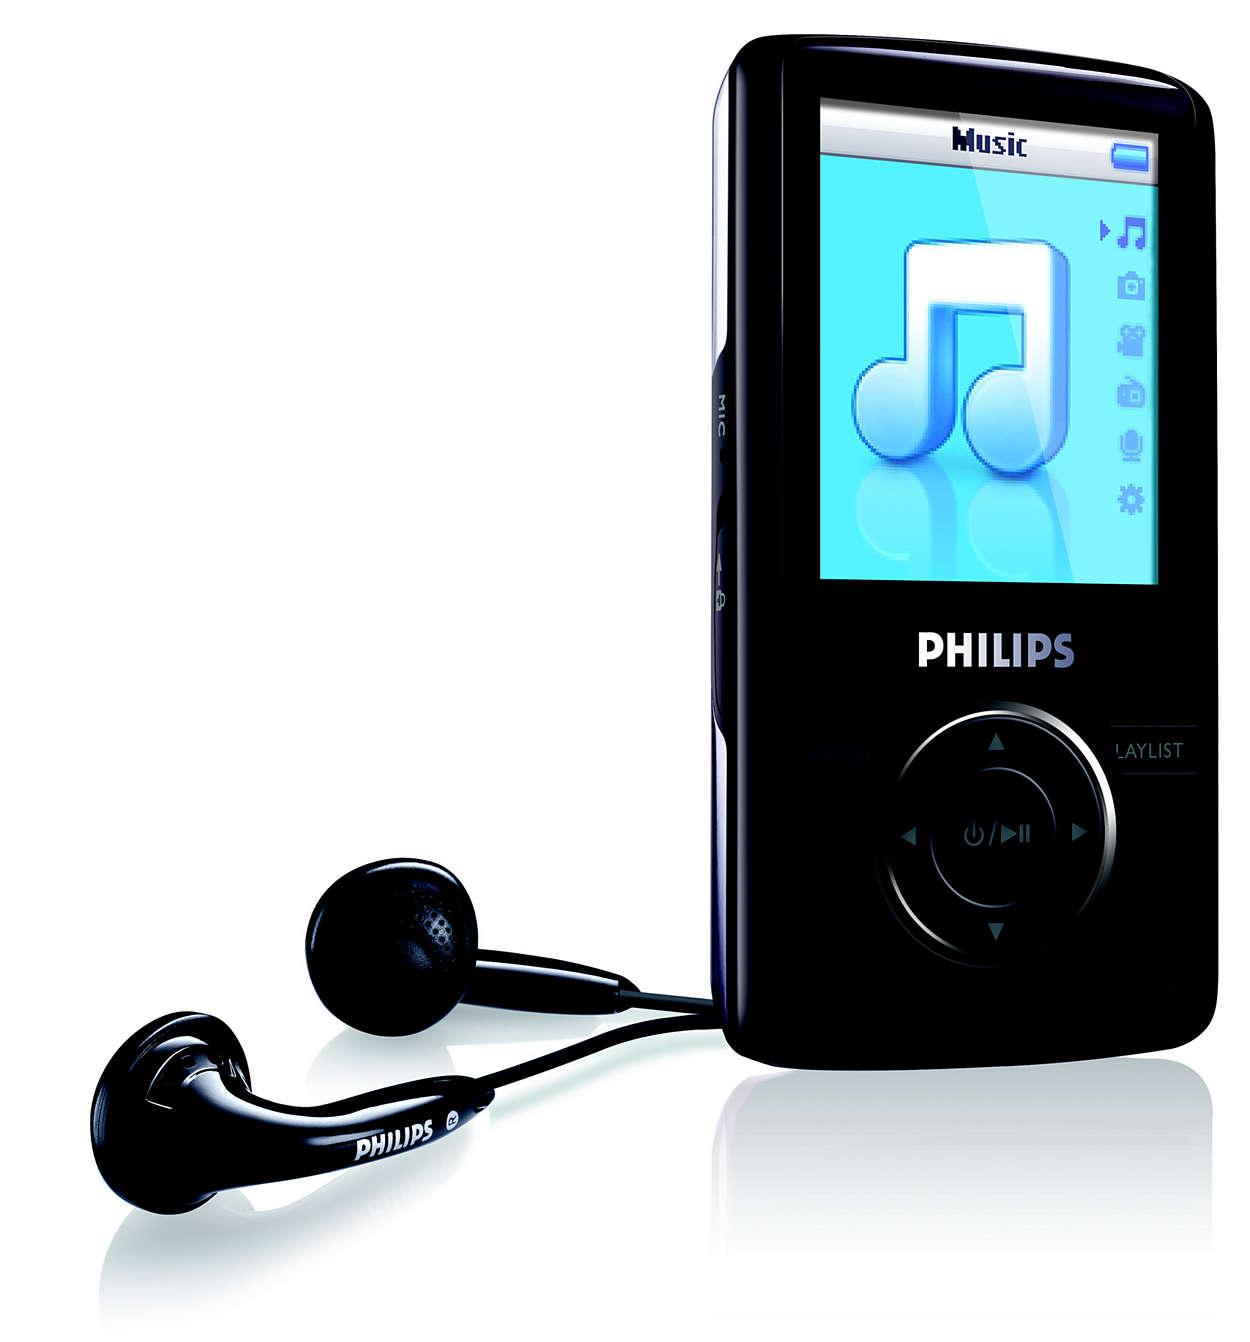 Η ψηφιακή σας μουσική εν κινήσει